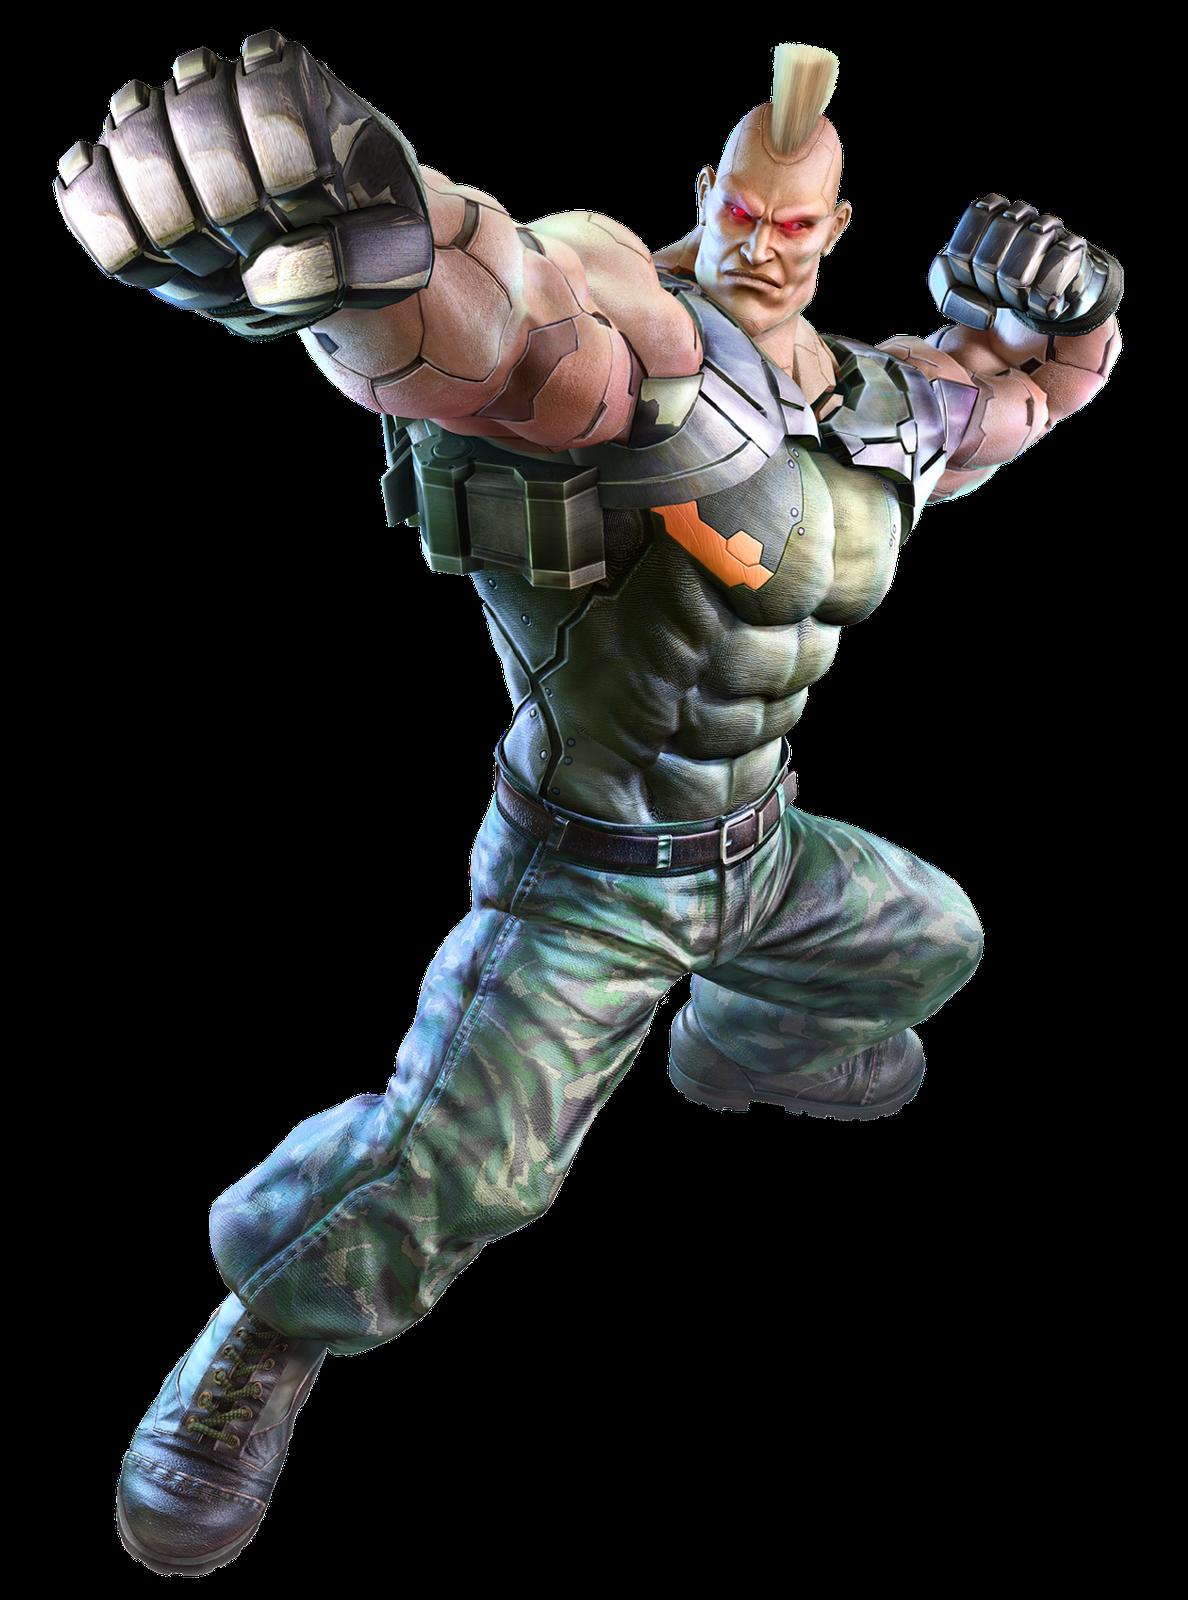 Tekken Jack PNG Transparent Image